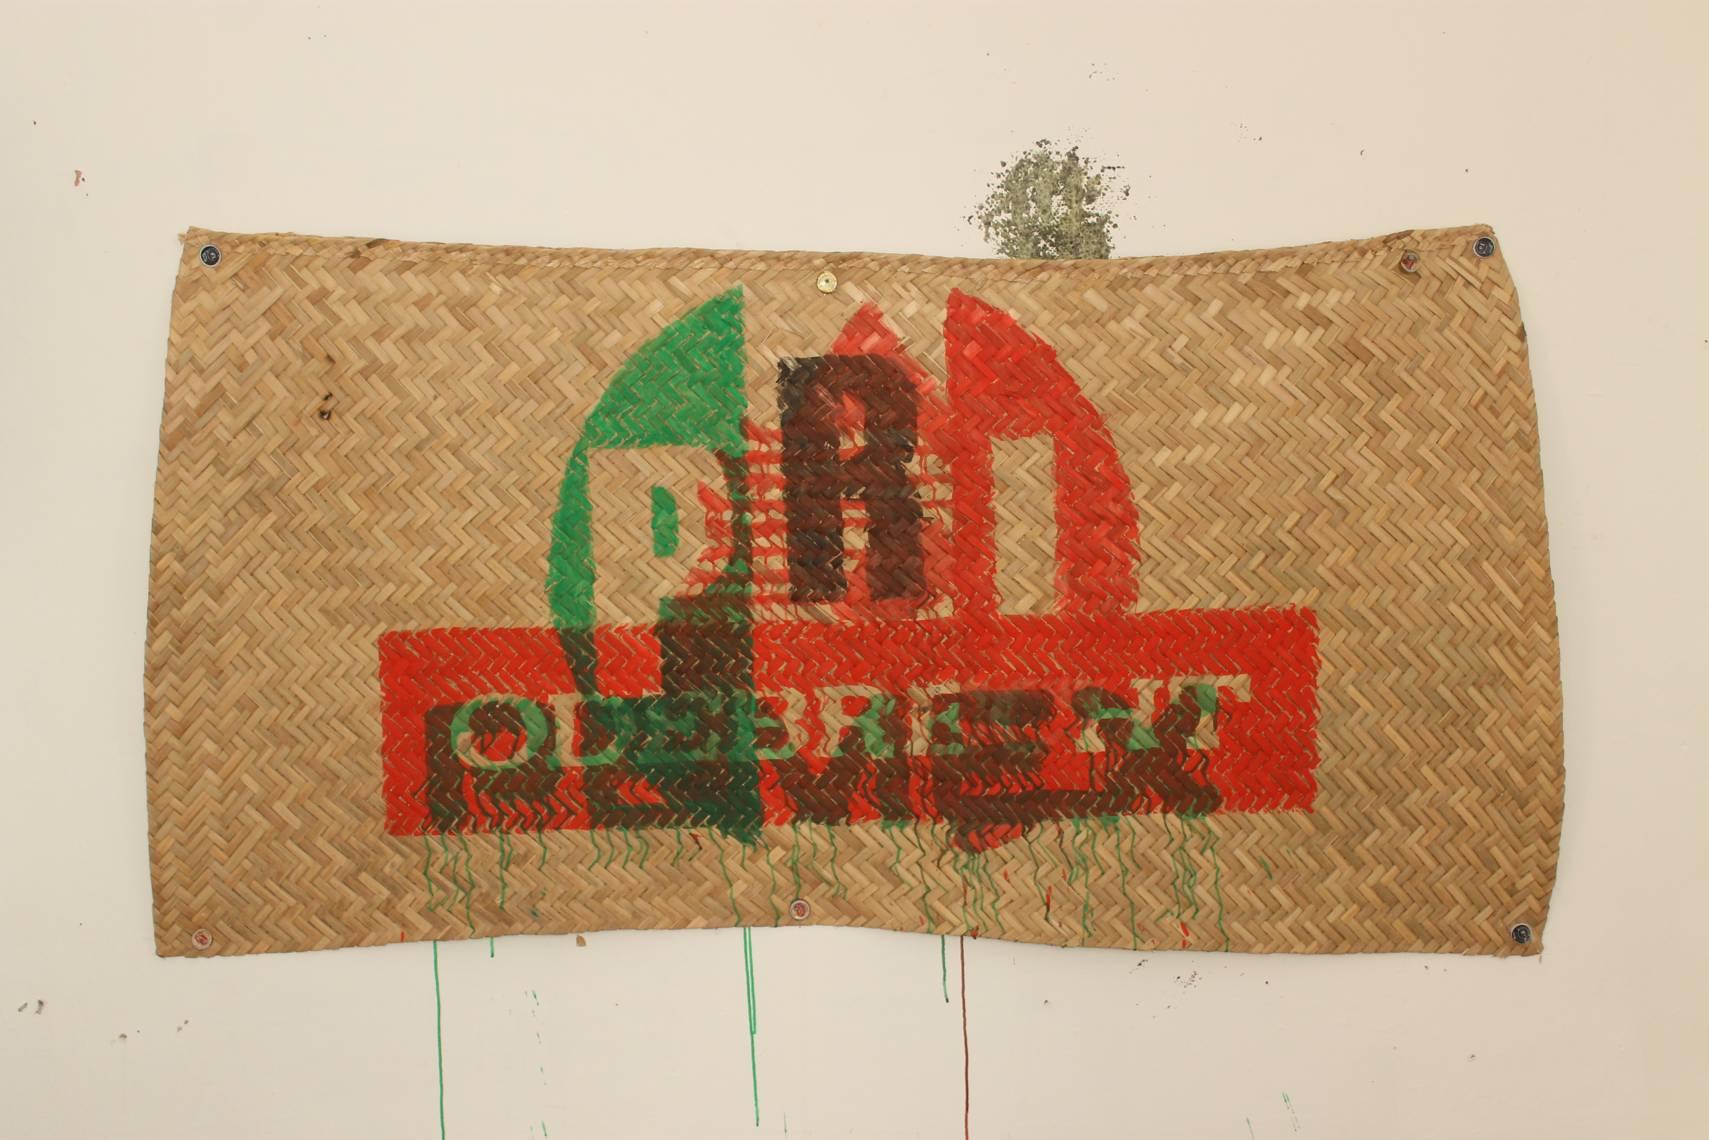 El caso Odebrecht y la corrupción mexicana, Pemex, PRI (2018) - Juan Caloca